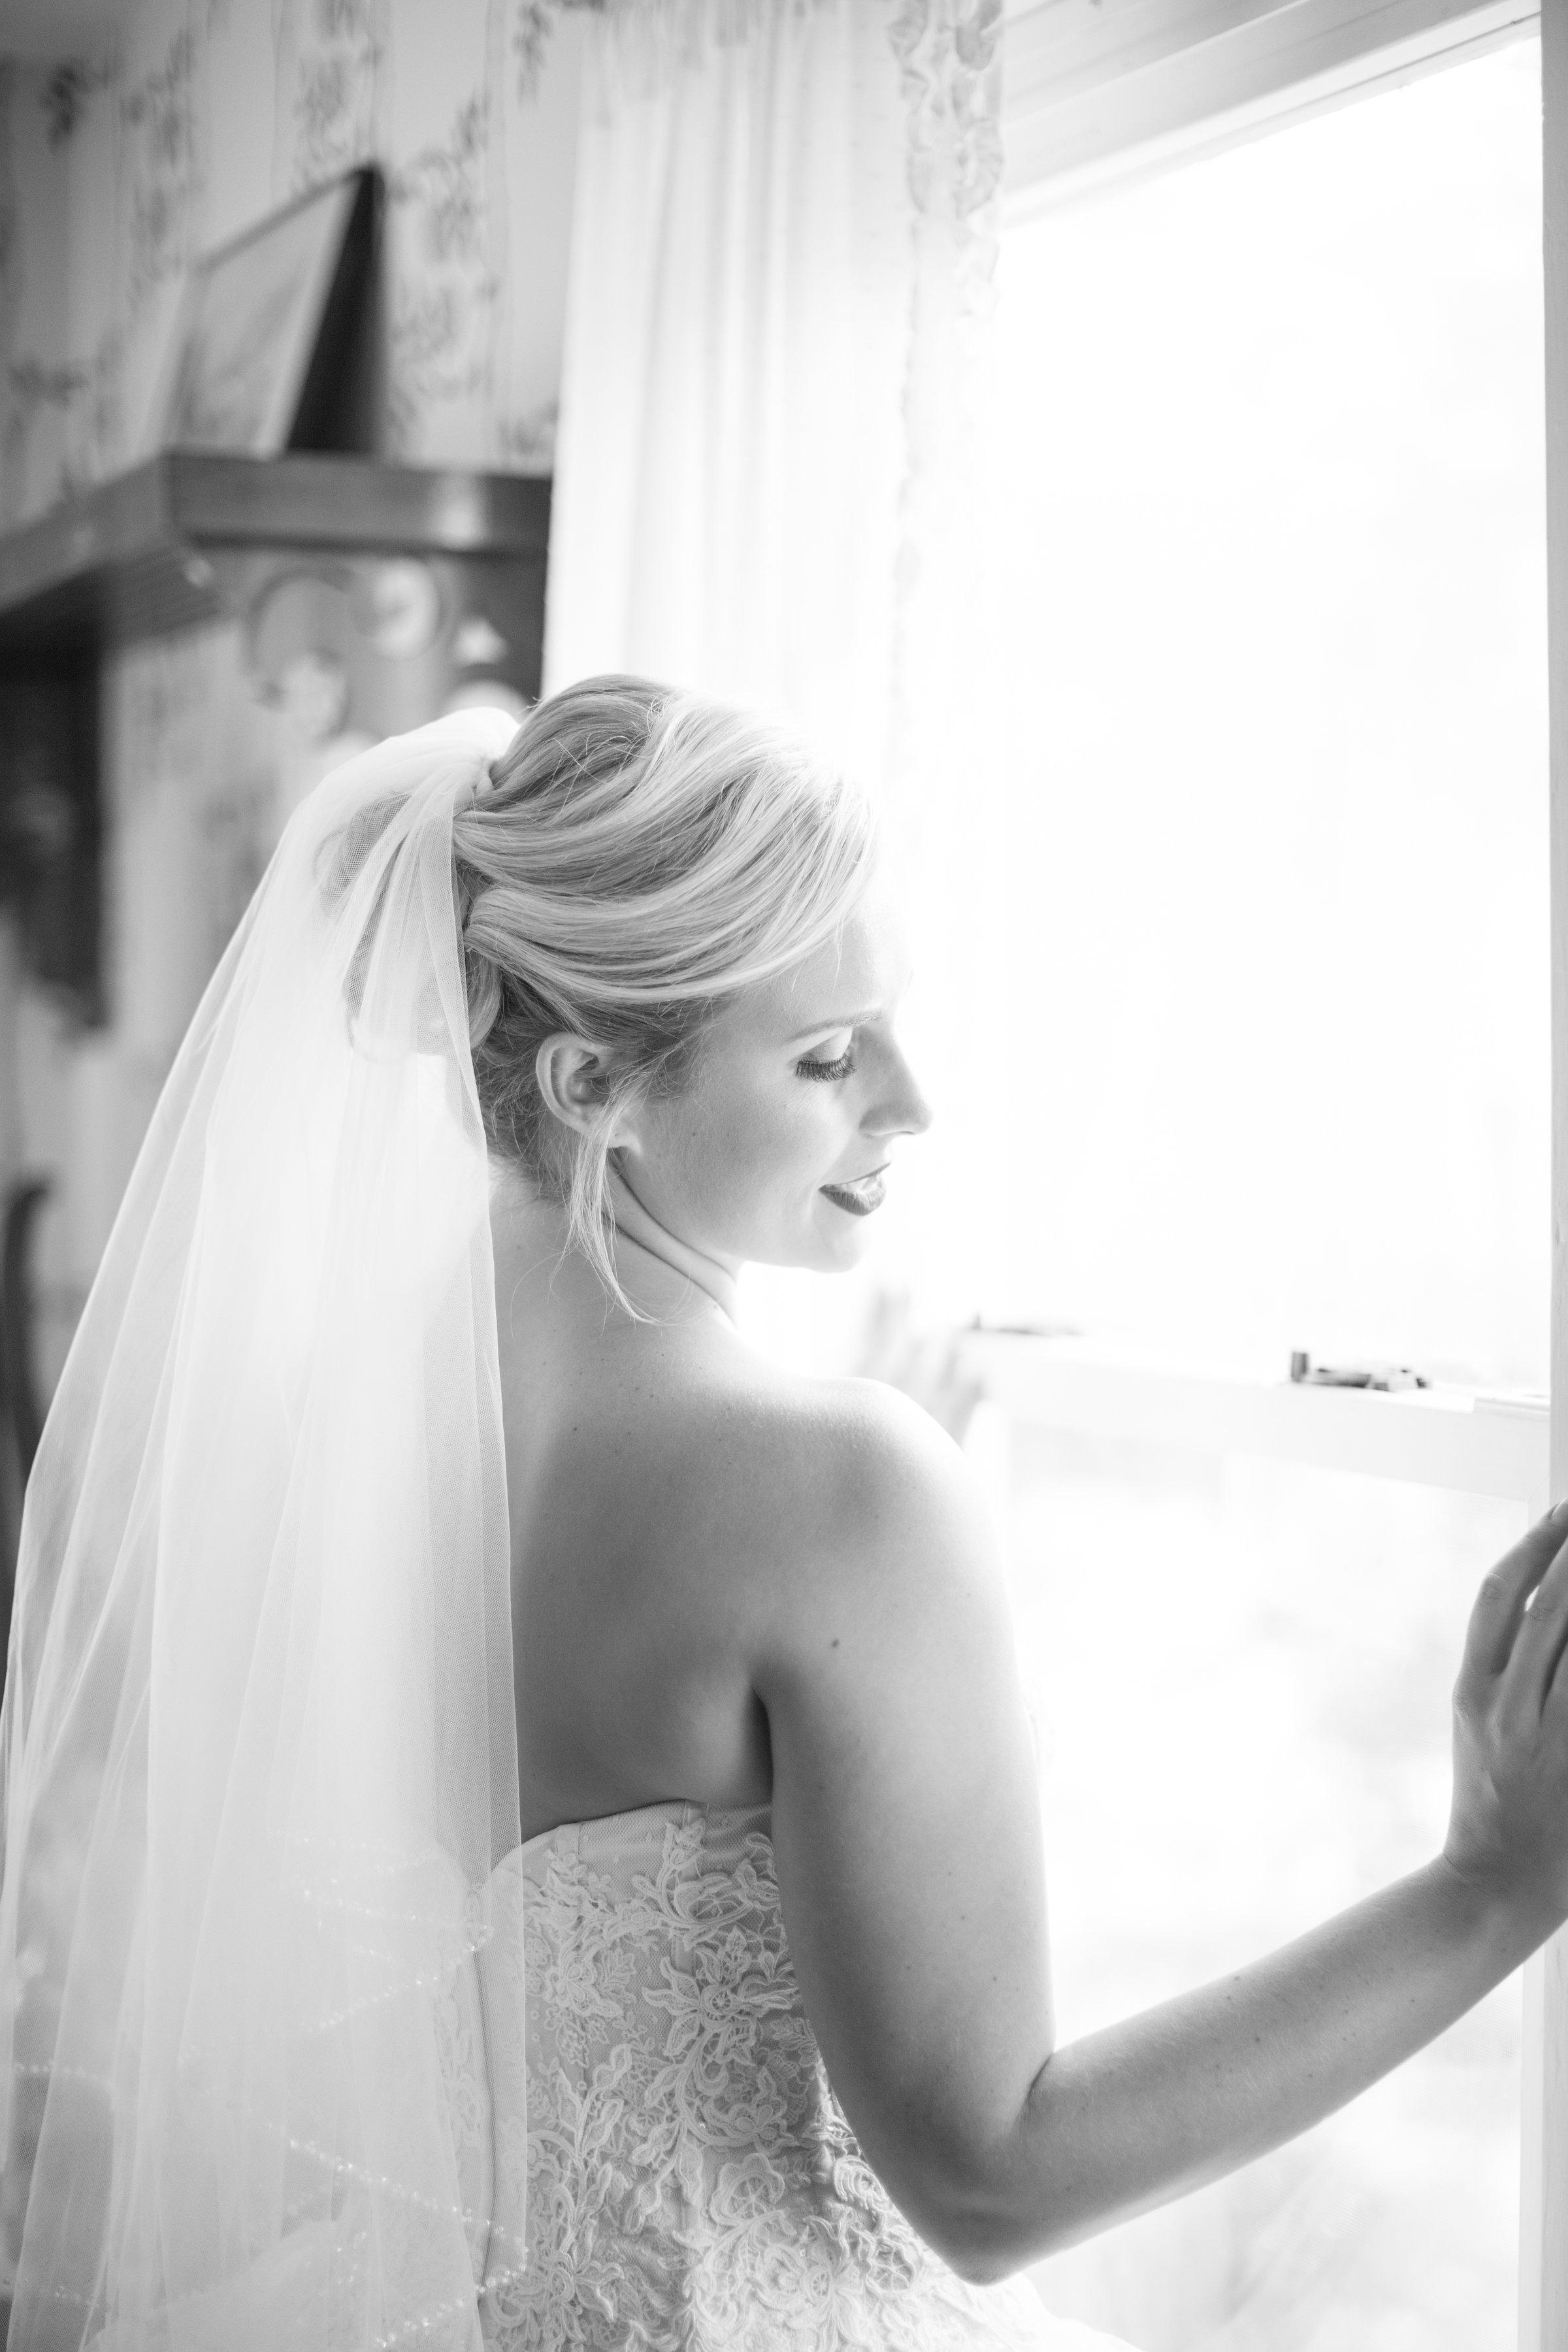 bride-wedding-dress-veil-first-look-planner-coordinator-photos.jpg